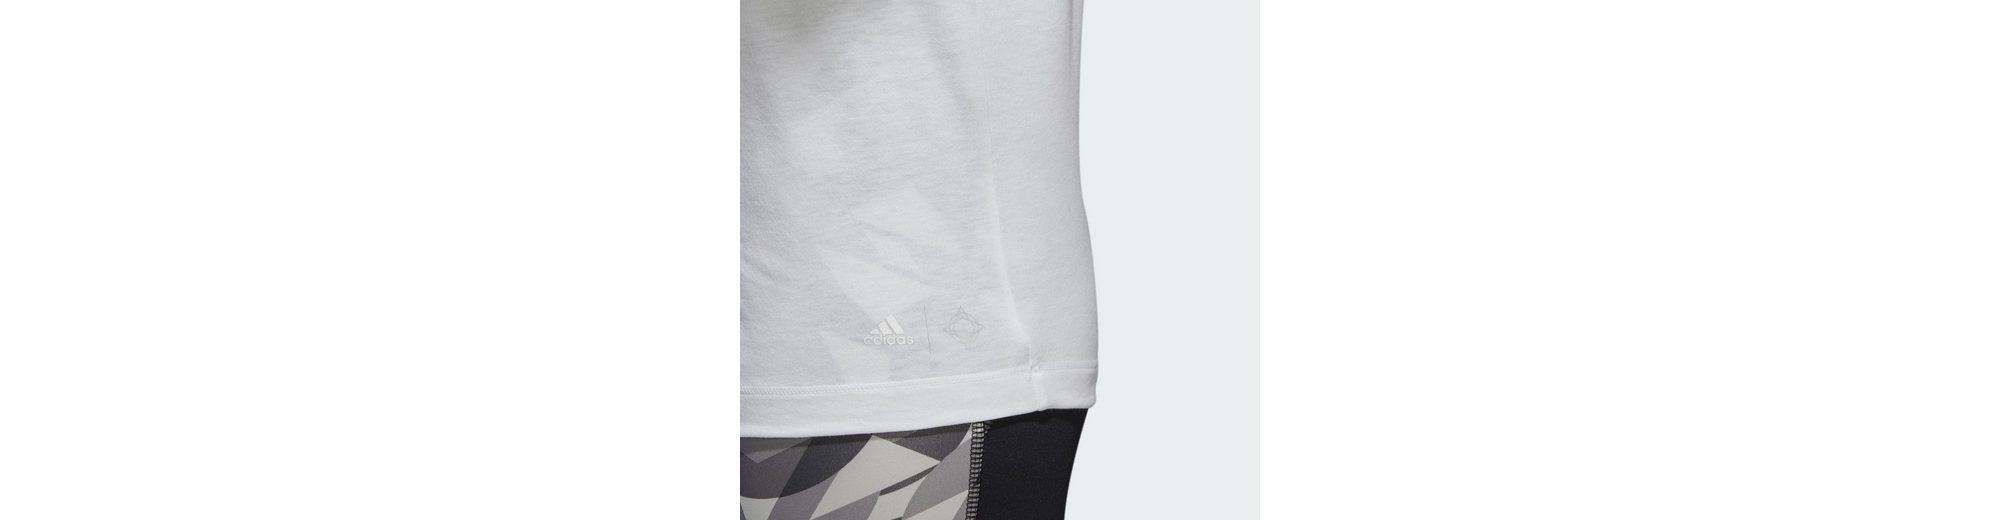 adidas Performance Sporttop Wanderlust Tanktop Sammlungen Neueste Online-Verkauf SW4thy38M